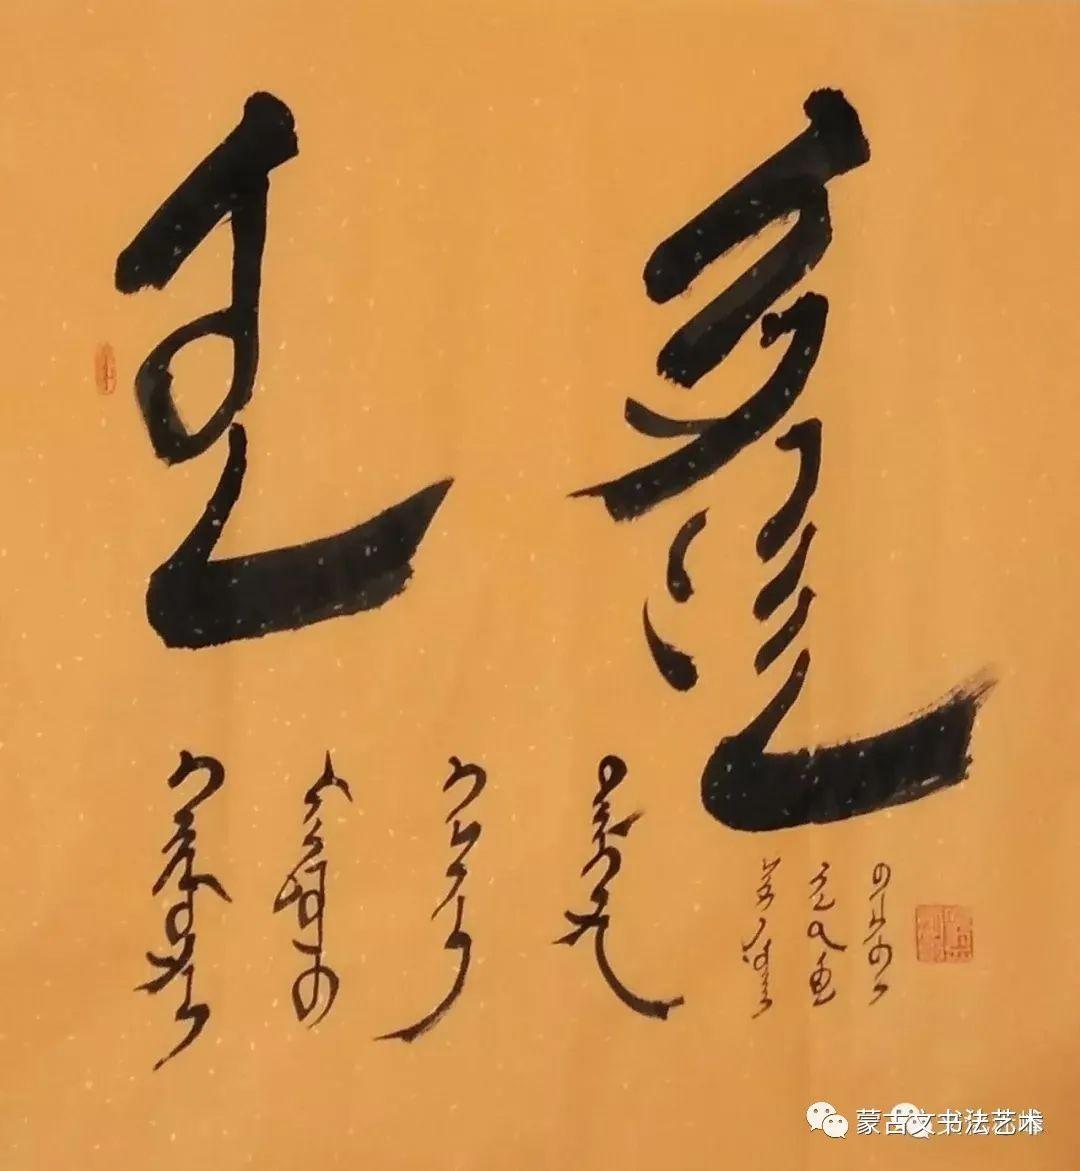 额尔敦巴图蒙古文书法 第9张